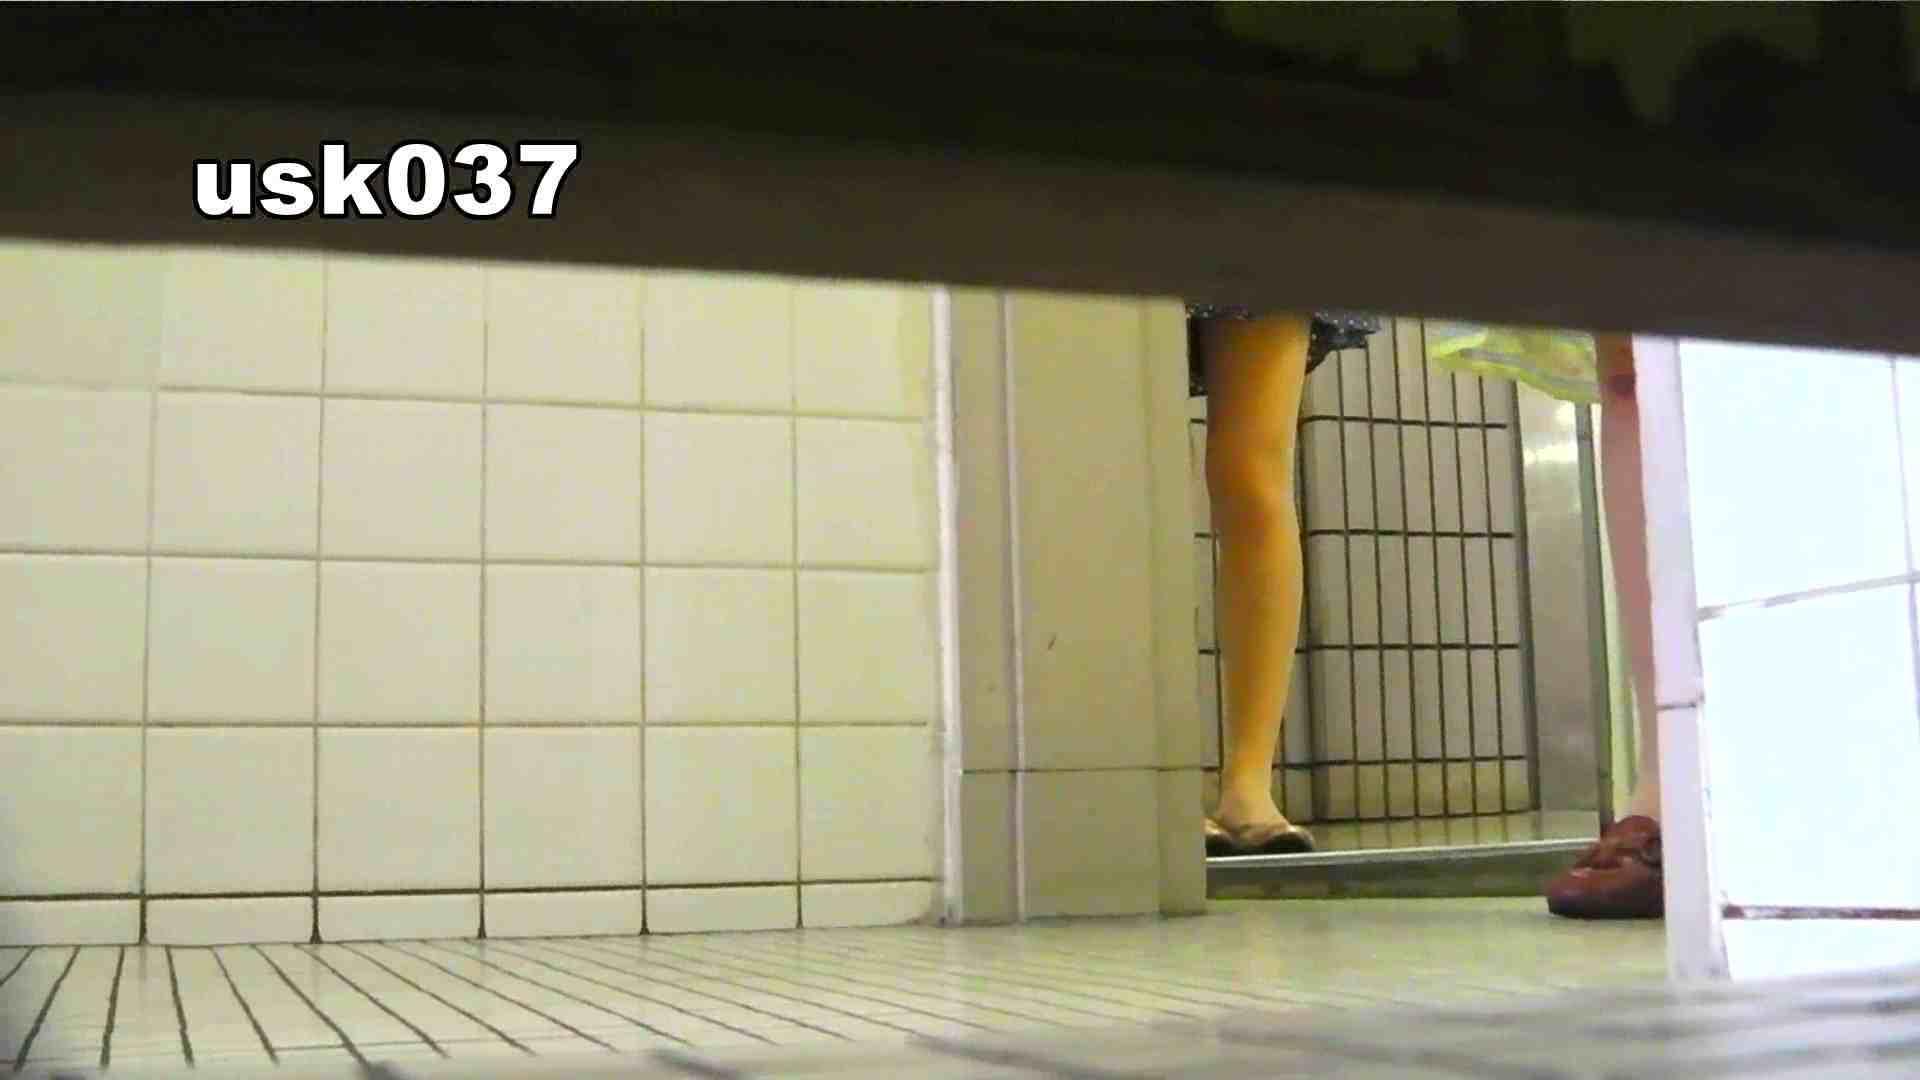 【美しき個室な世界】 vol.037 ひねり出す様子(フトイです) OLの実態  90pic 82